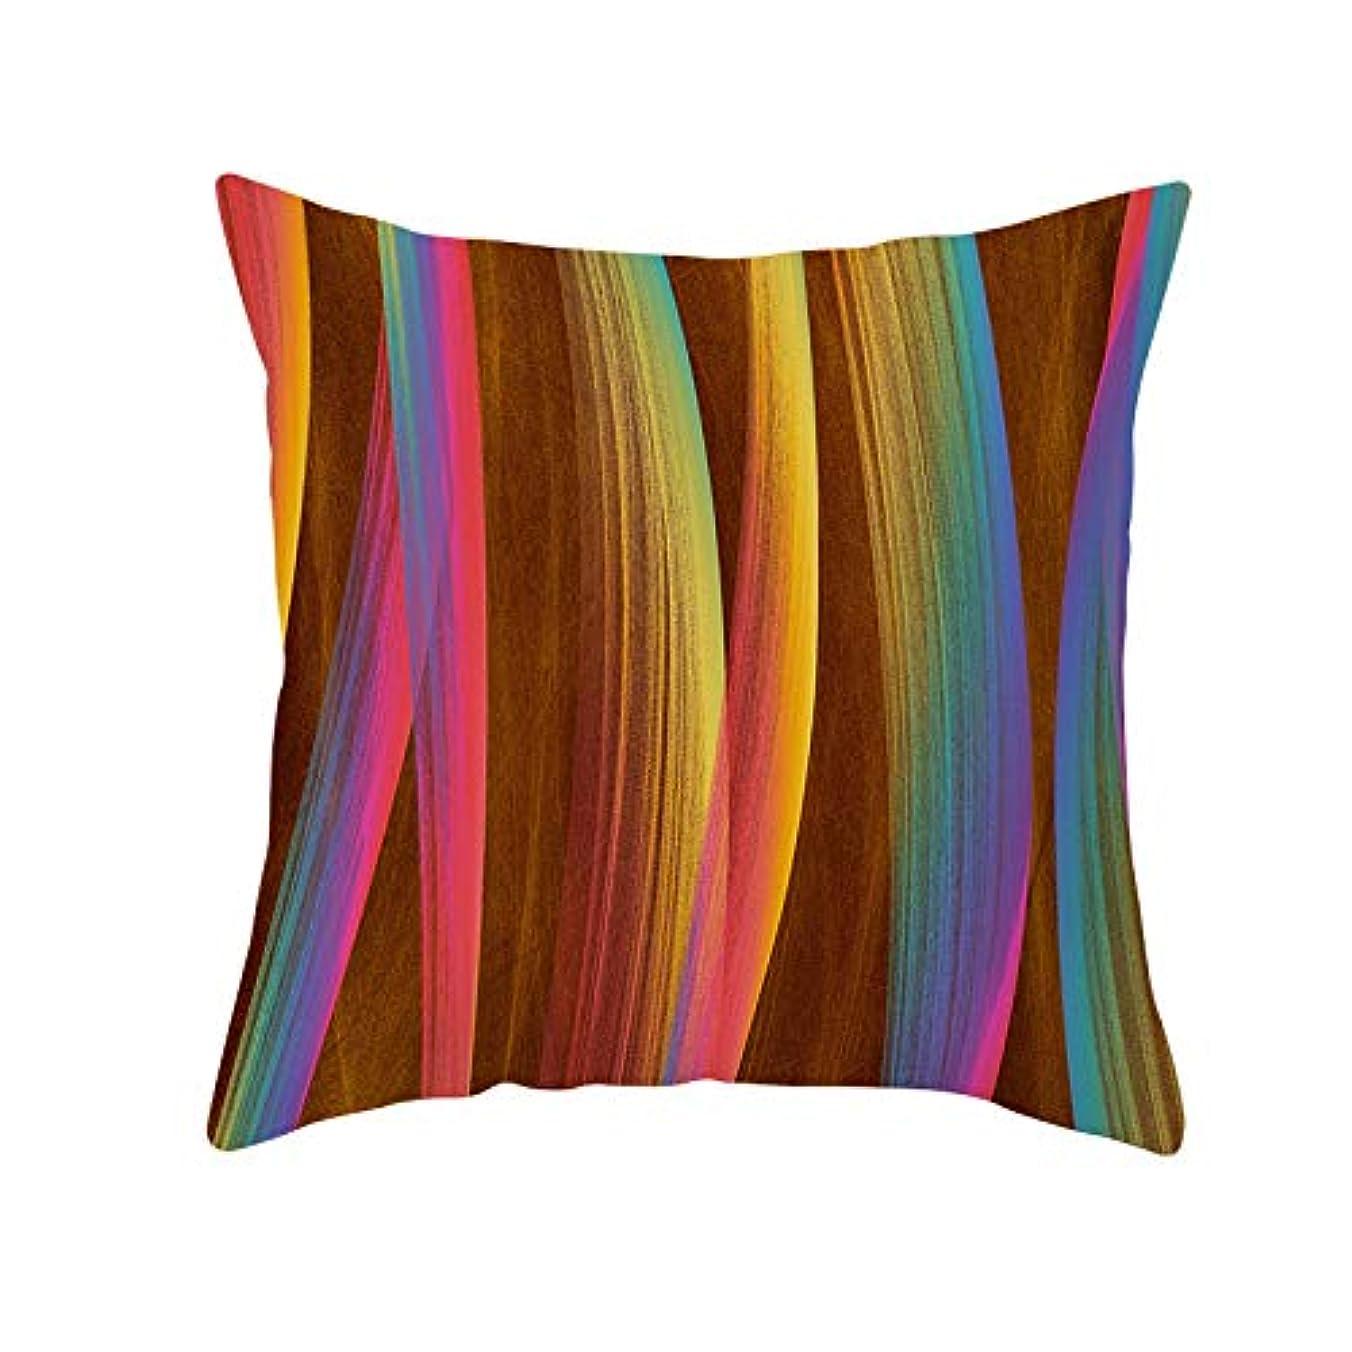 並外れた古代ギャラリーLIFE 装飾クッションソファ 幾何学プリントポリエステル正方形の枕ソファスロークッション家の装飾 coussin デ長椅子 クッション 椅子